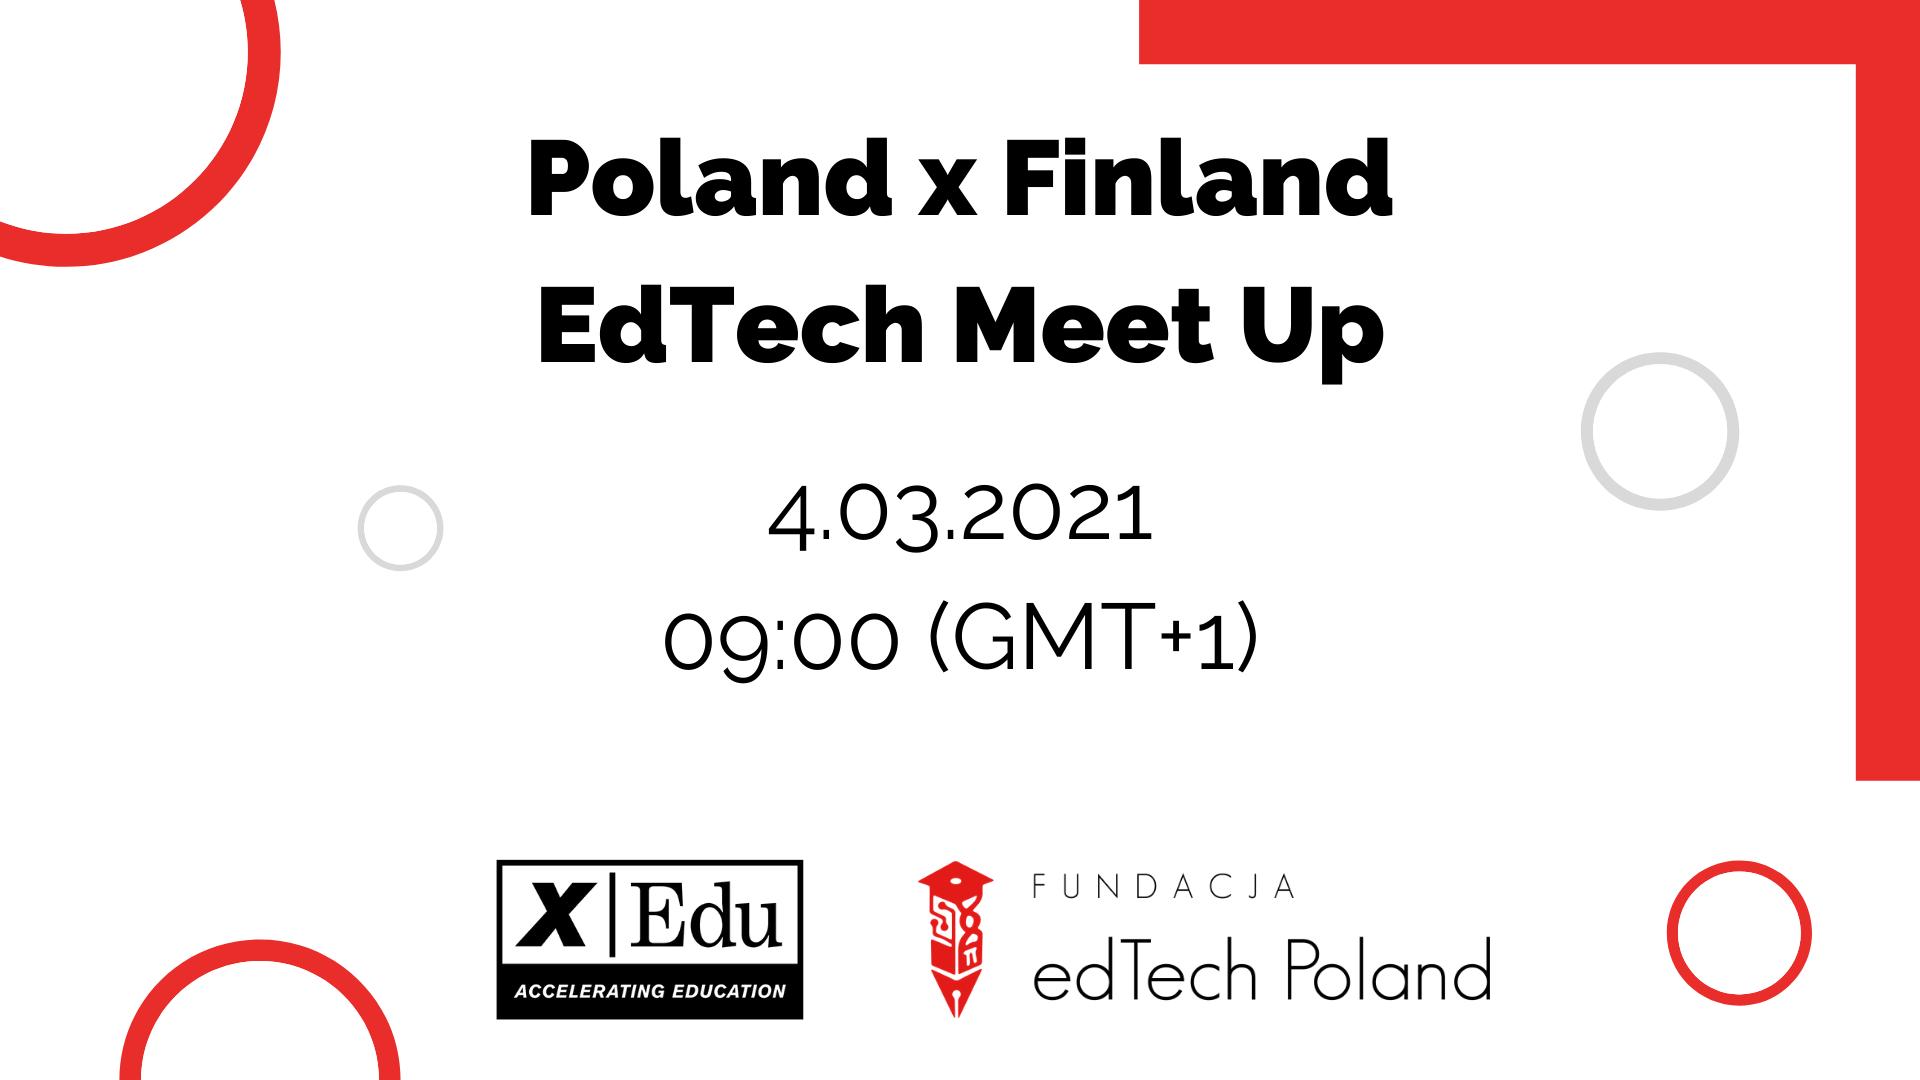 Poland x Finland EdTech Meet Up